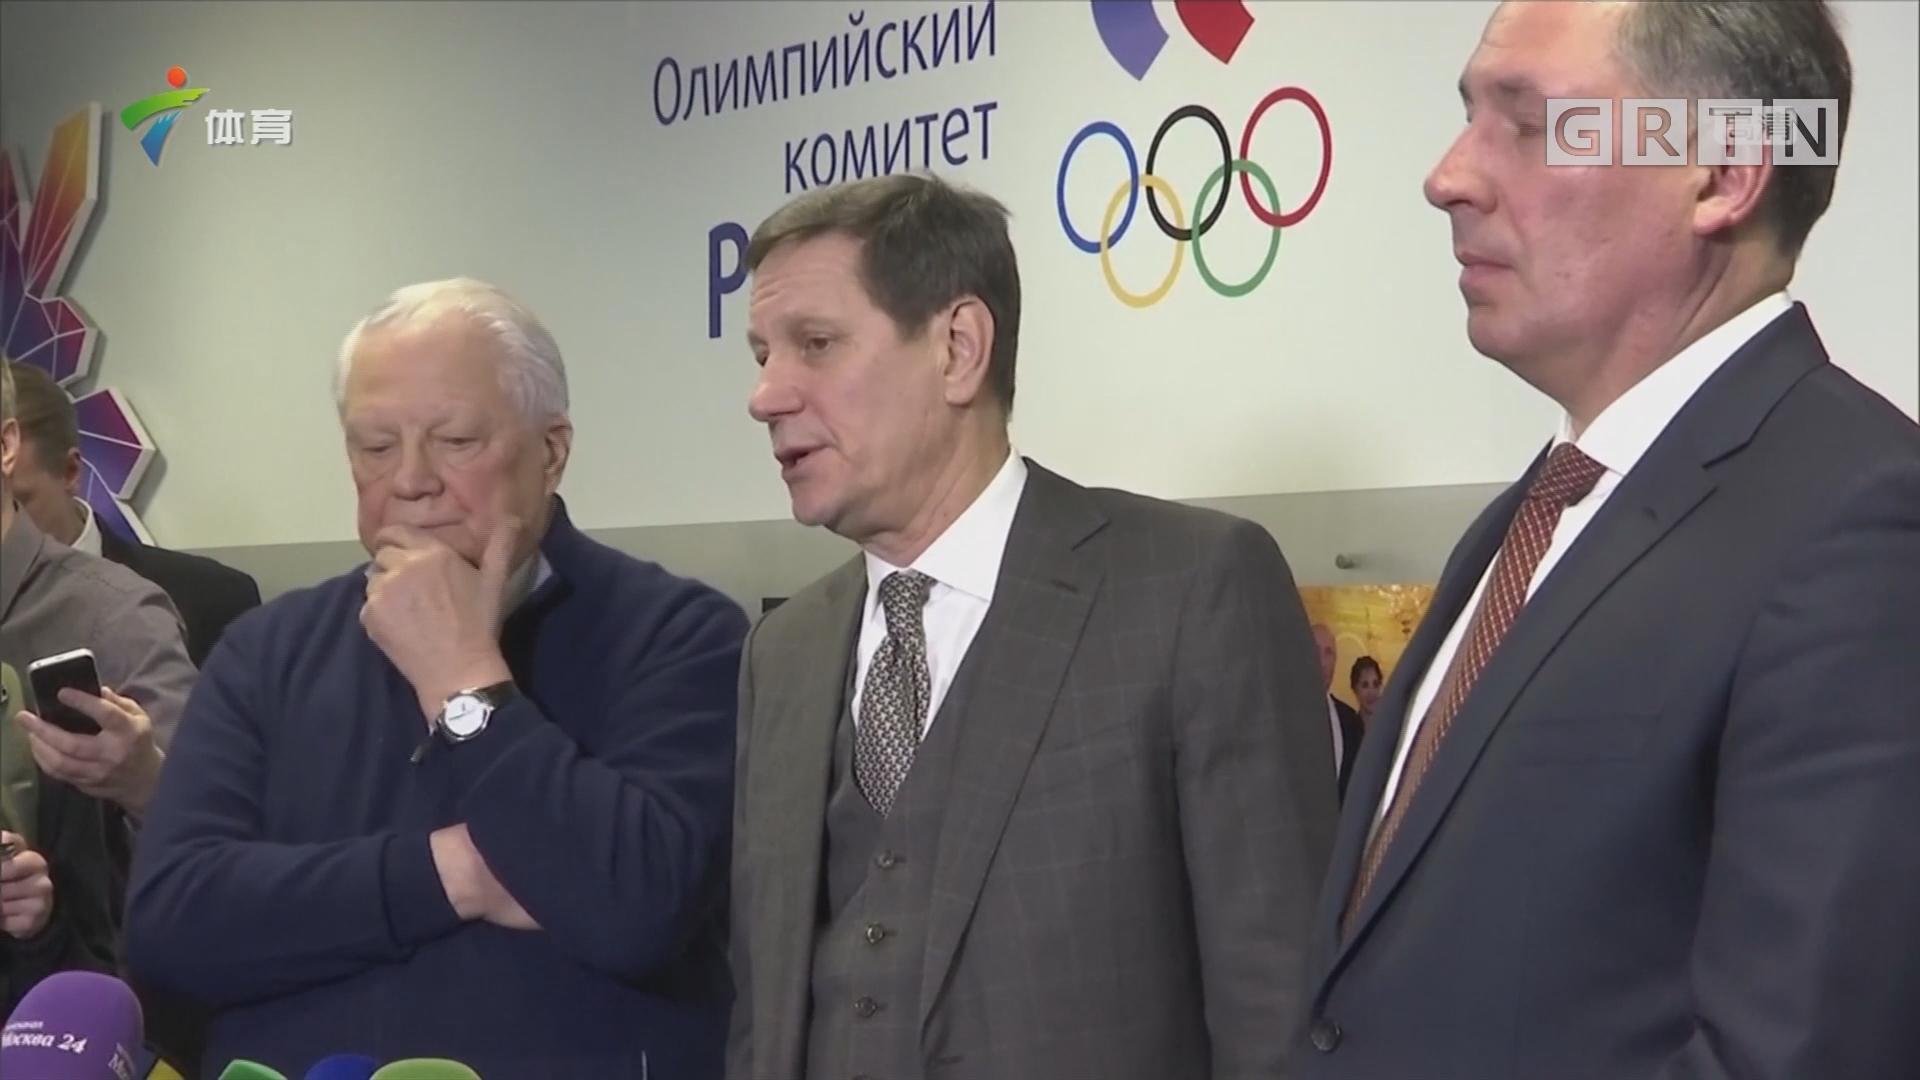 国际奥委会宣布解除对俄罗斯禁令